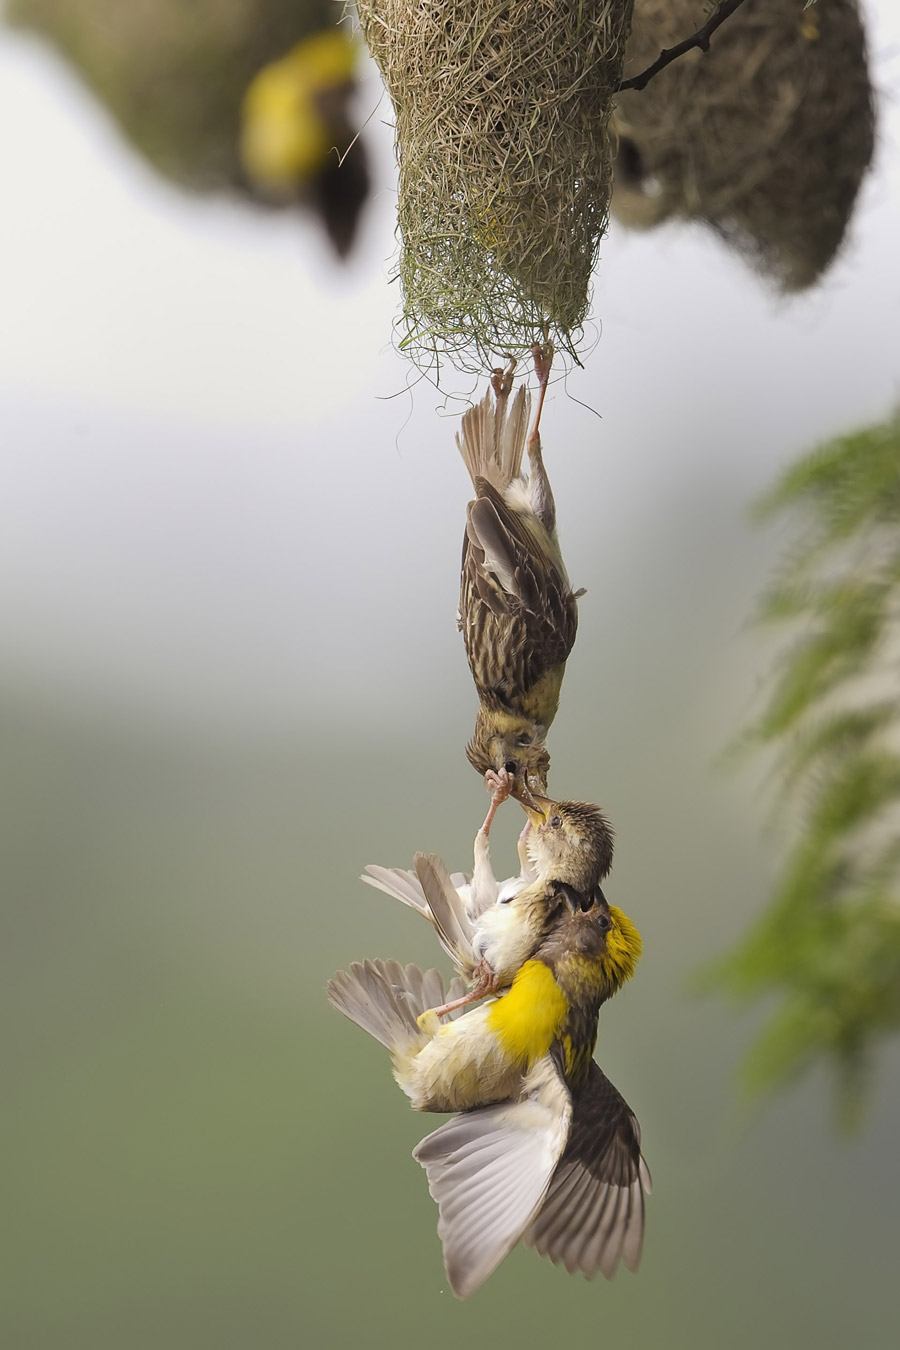 В Кришнане / V Krishnan, Мумбаи, Индия, Победитель в категории «Птицы», Фотоконкурс «Лучшая природная фотография Азии» — Nature's Best Photography Asia